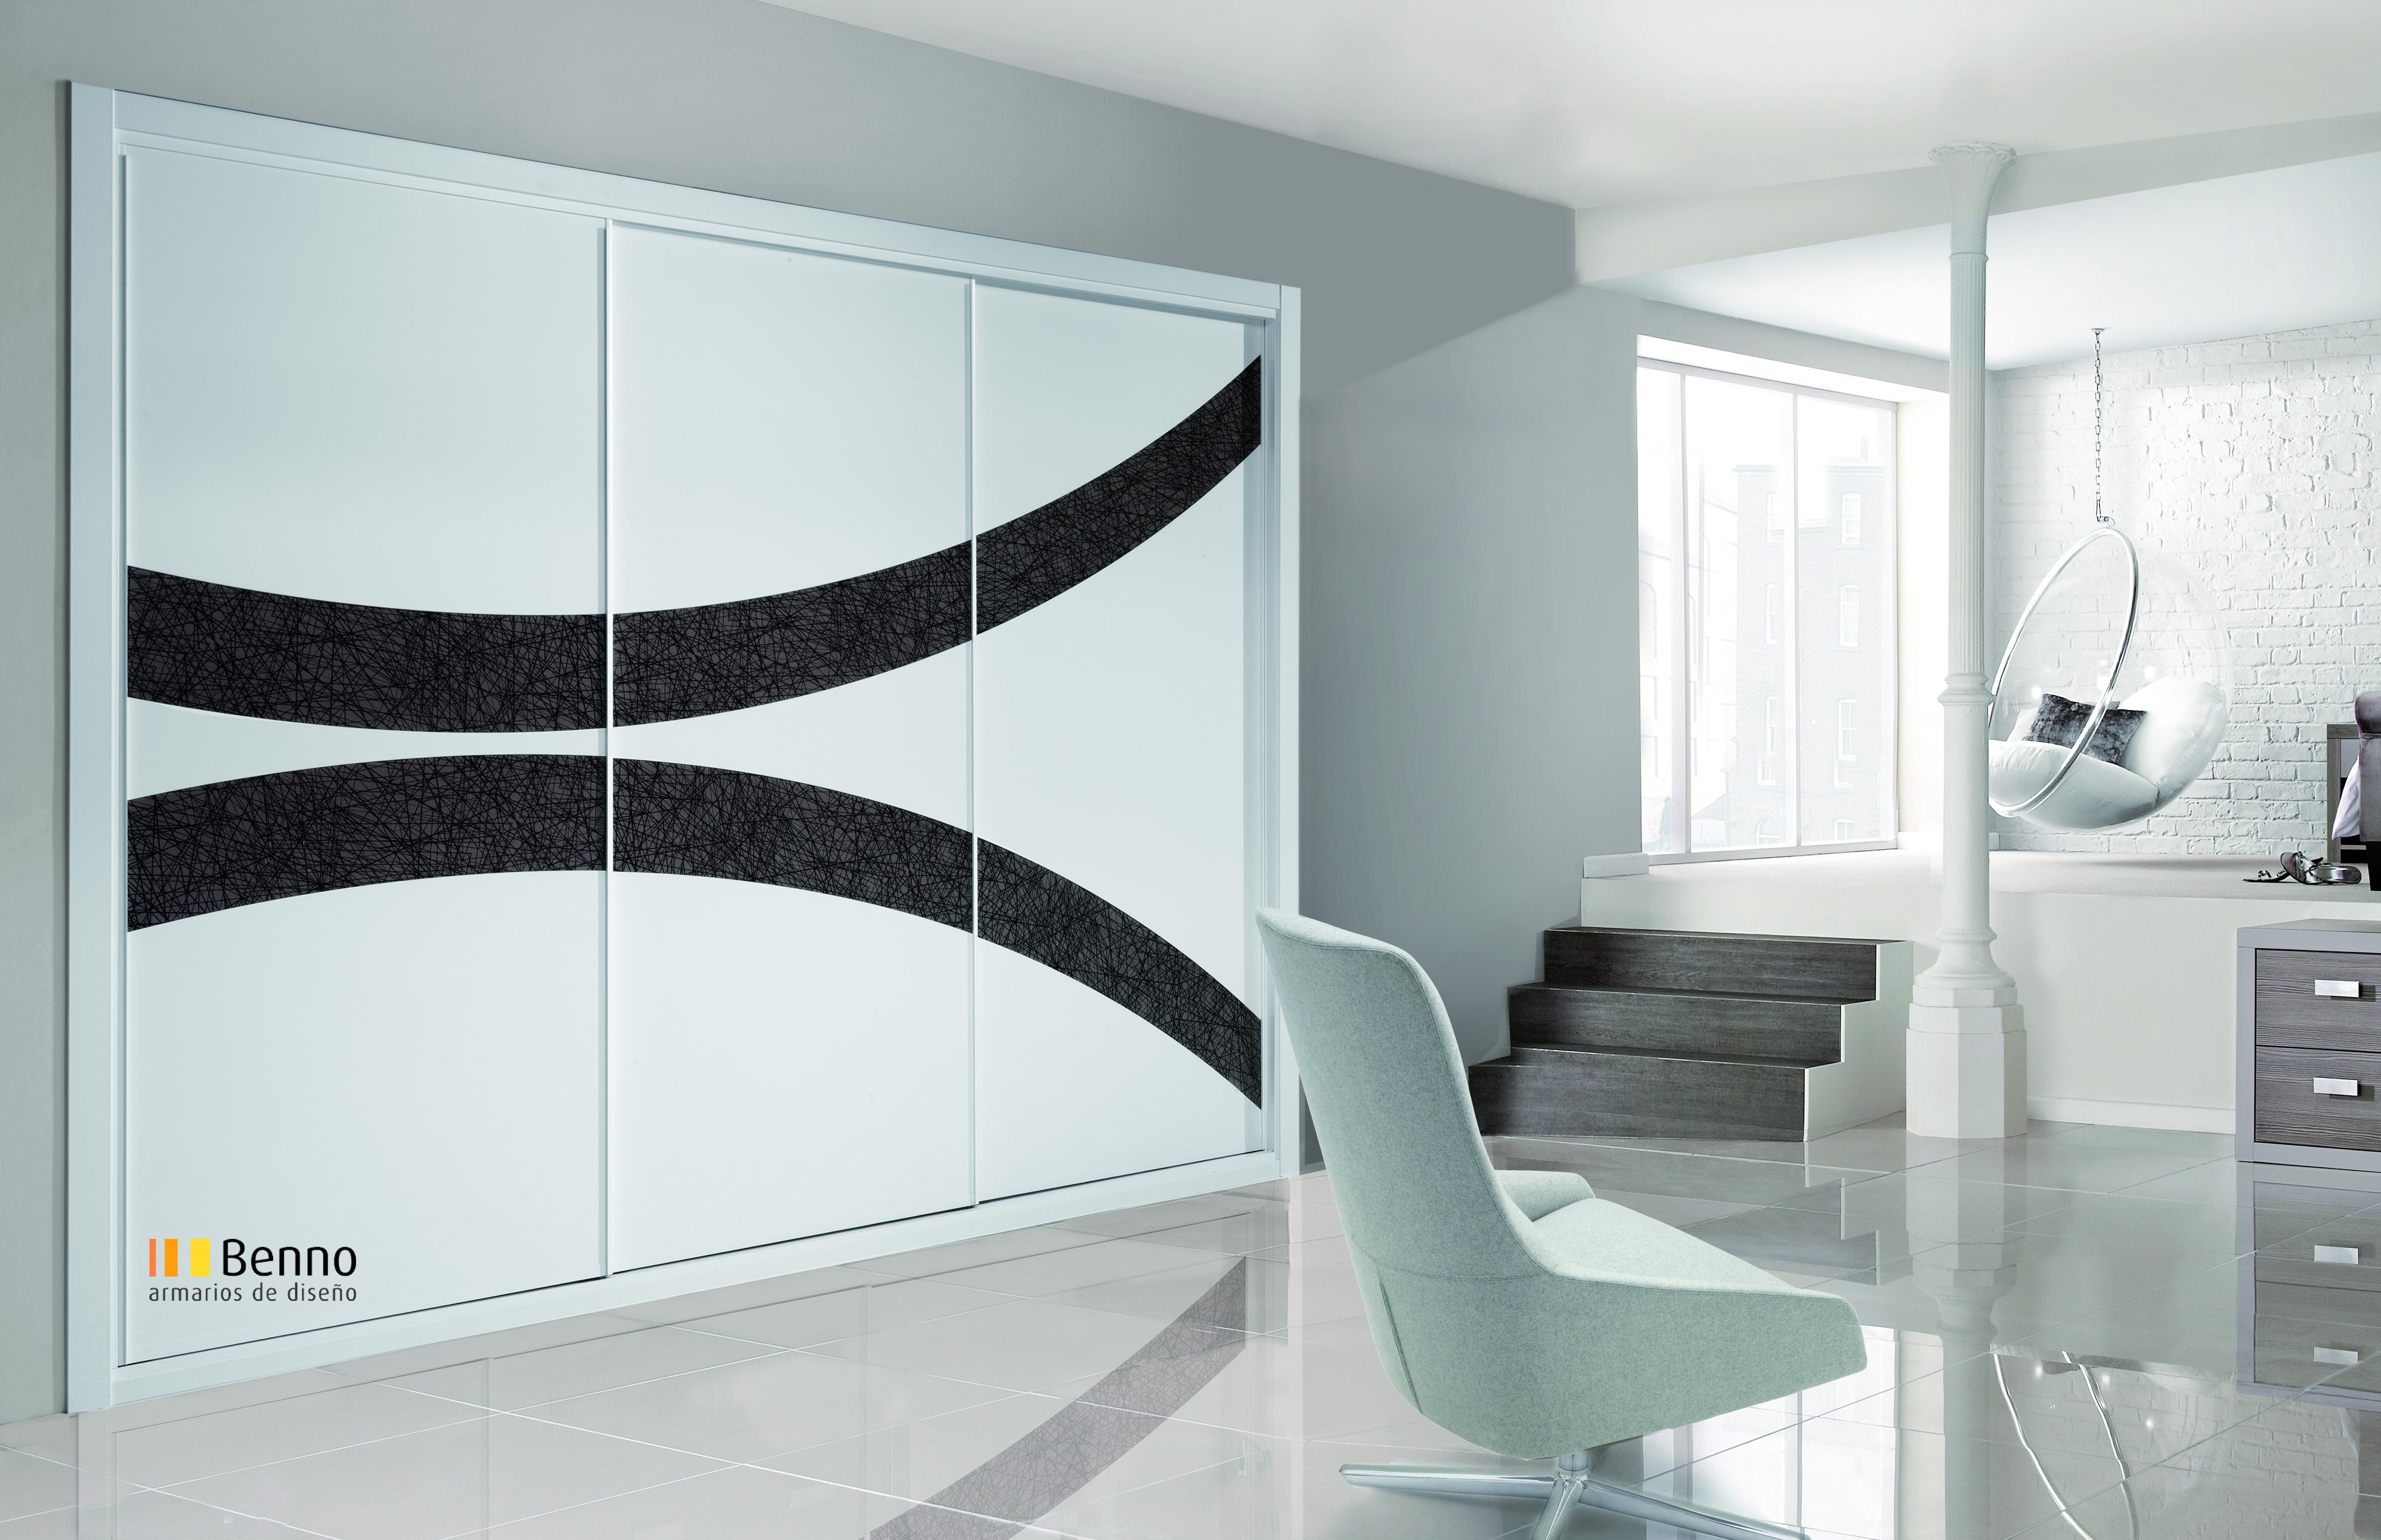 Comprar armarios baratos madrid exposici n armarios modernos - Puertas de interior baratas en vigo ...